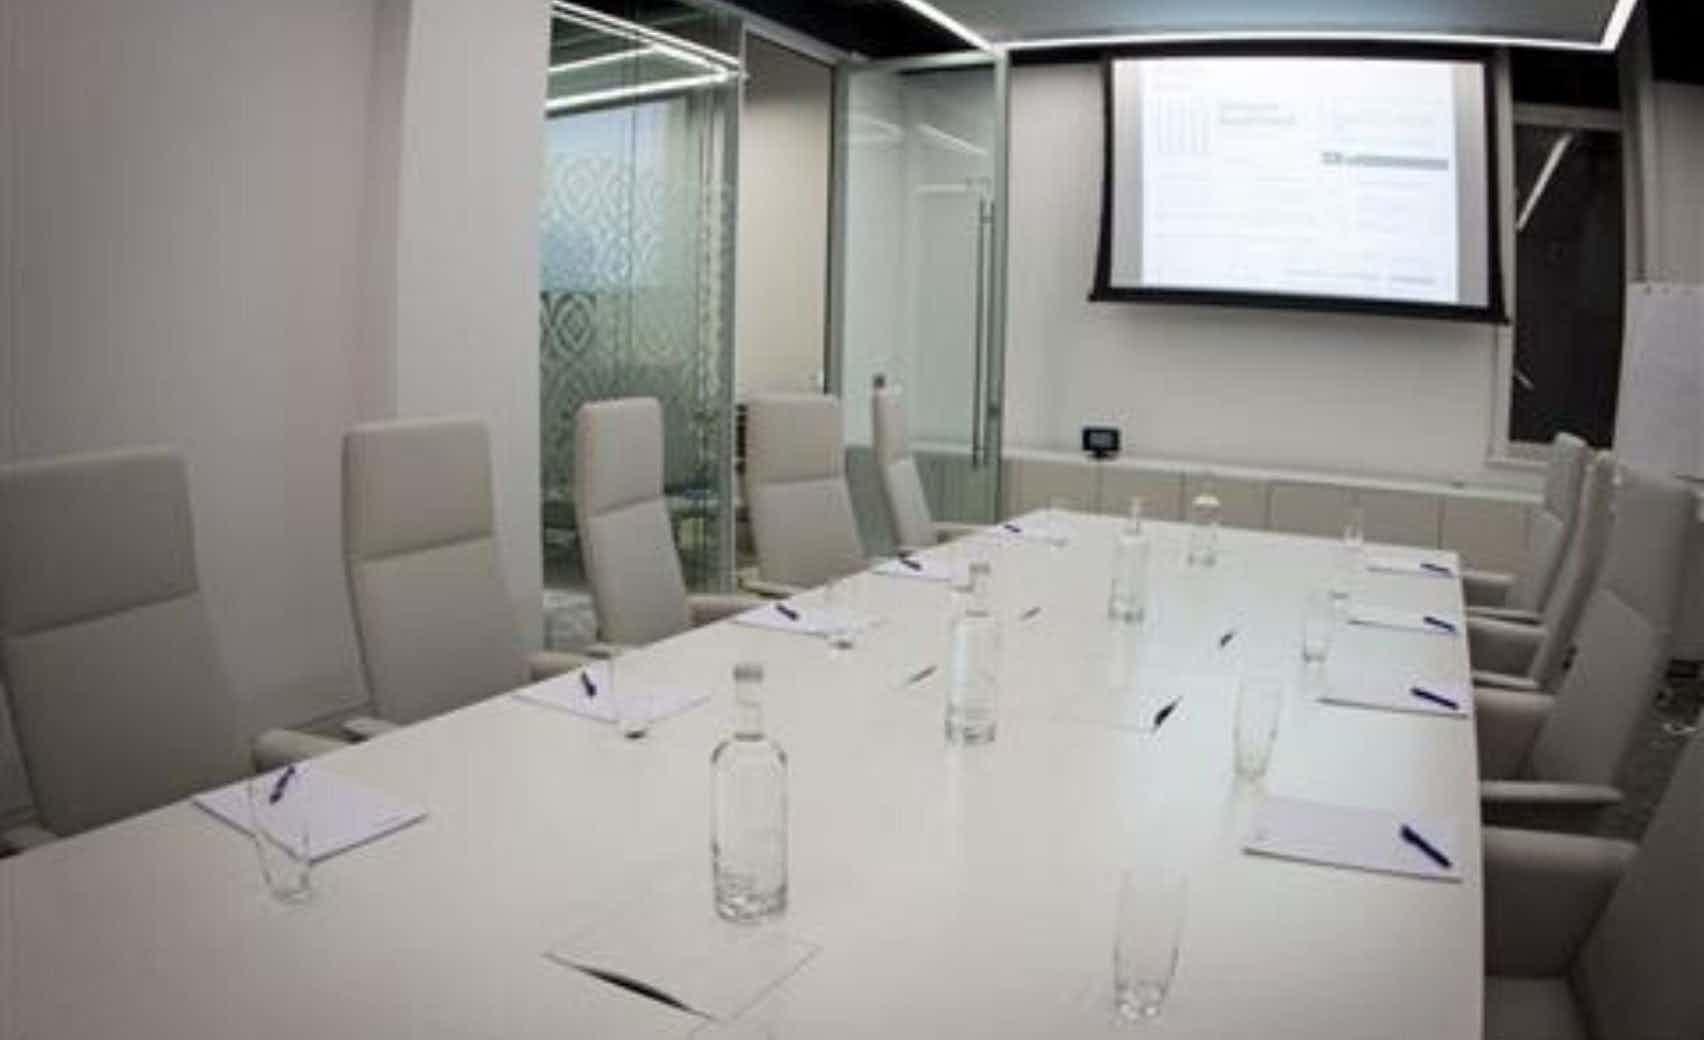 Ground Floor Meeting Room 12.13, 30 Euston Square